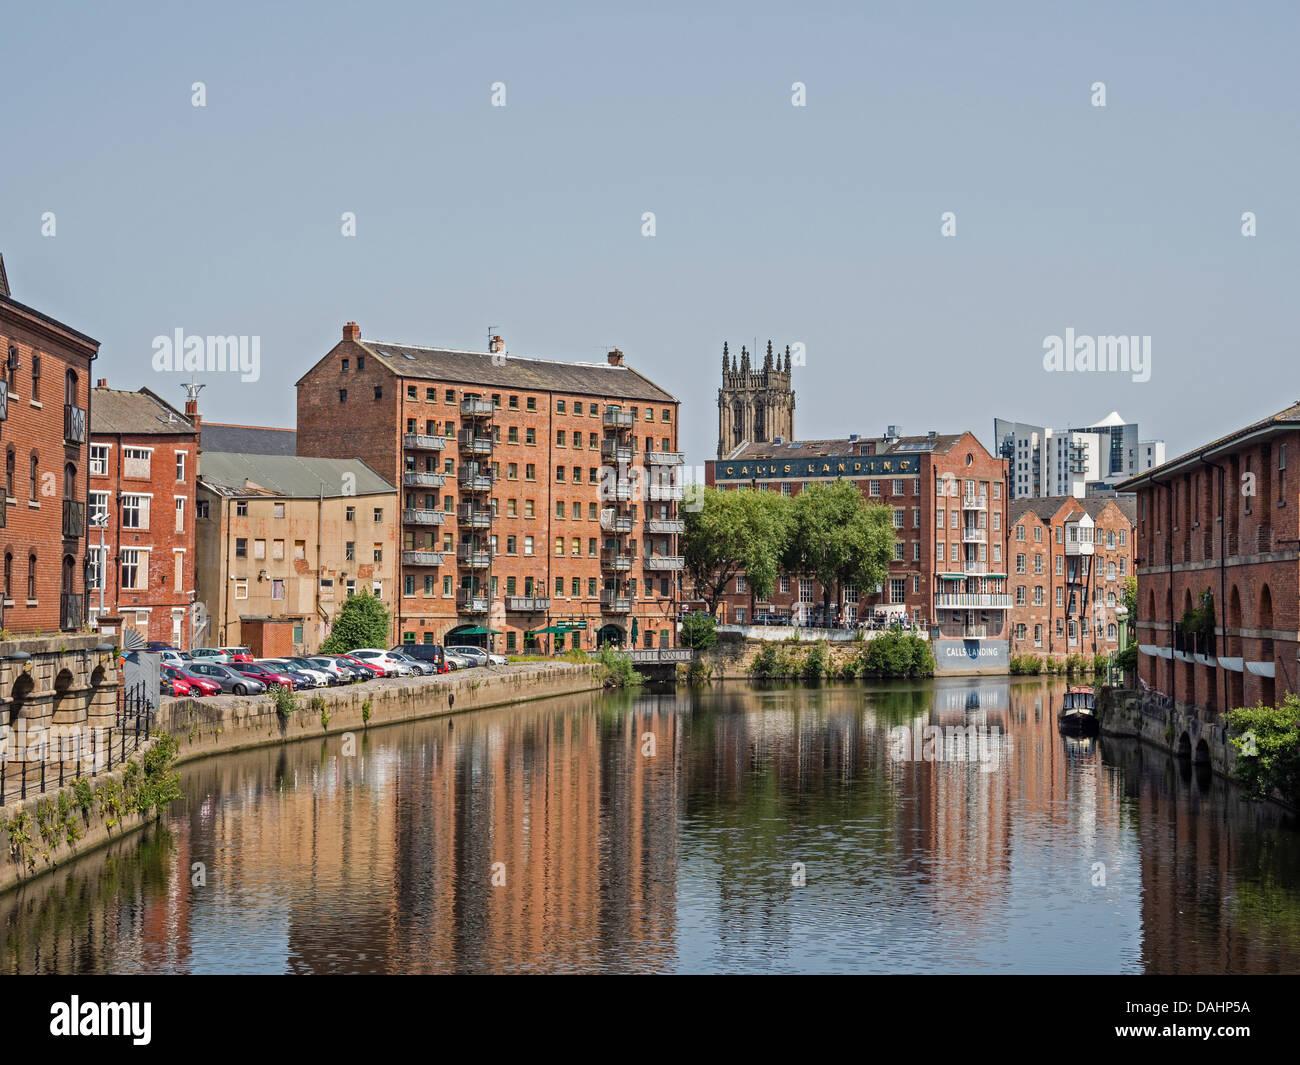 gratuit datant Leeds UK